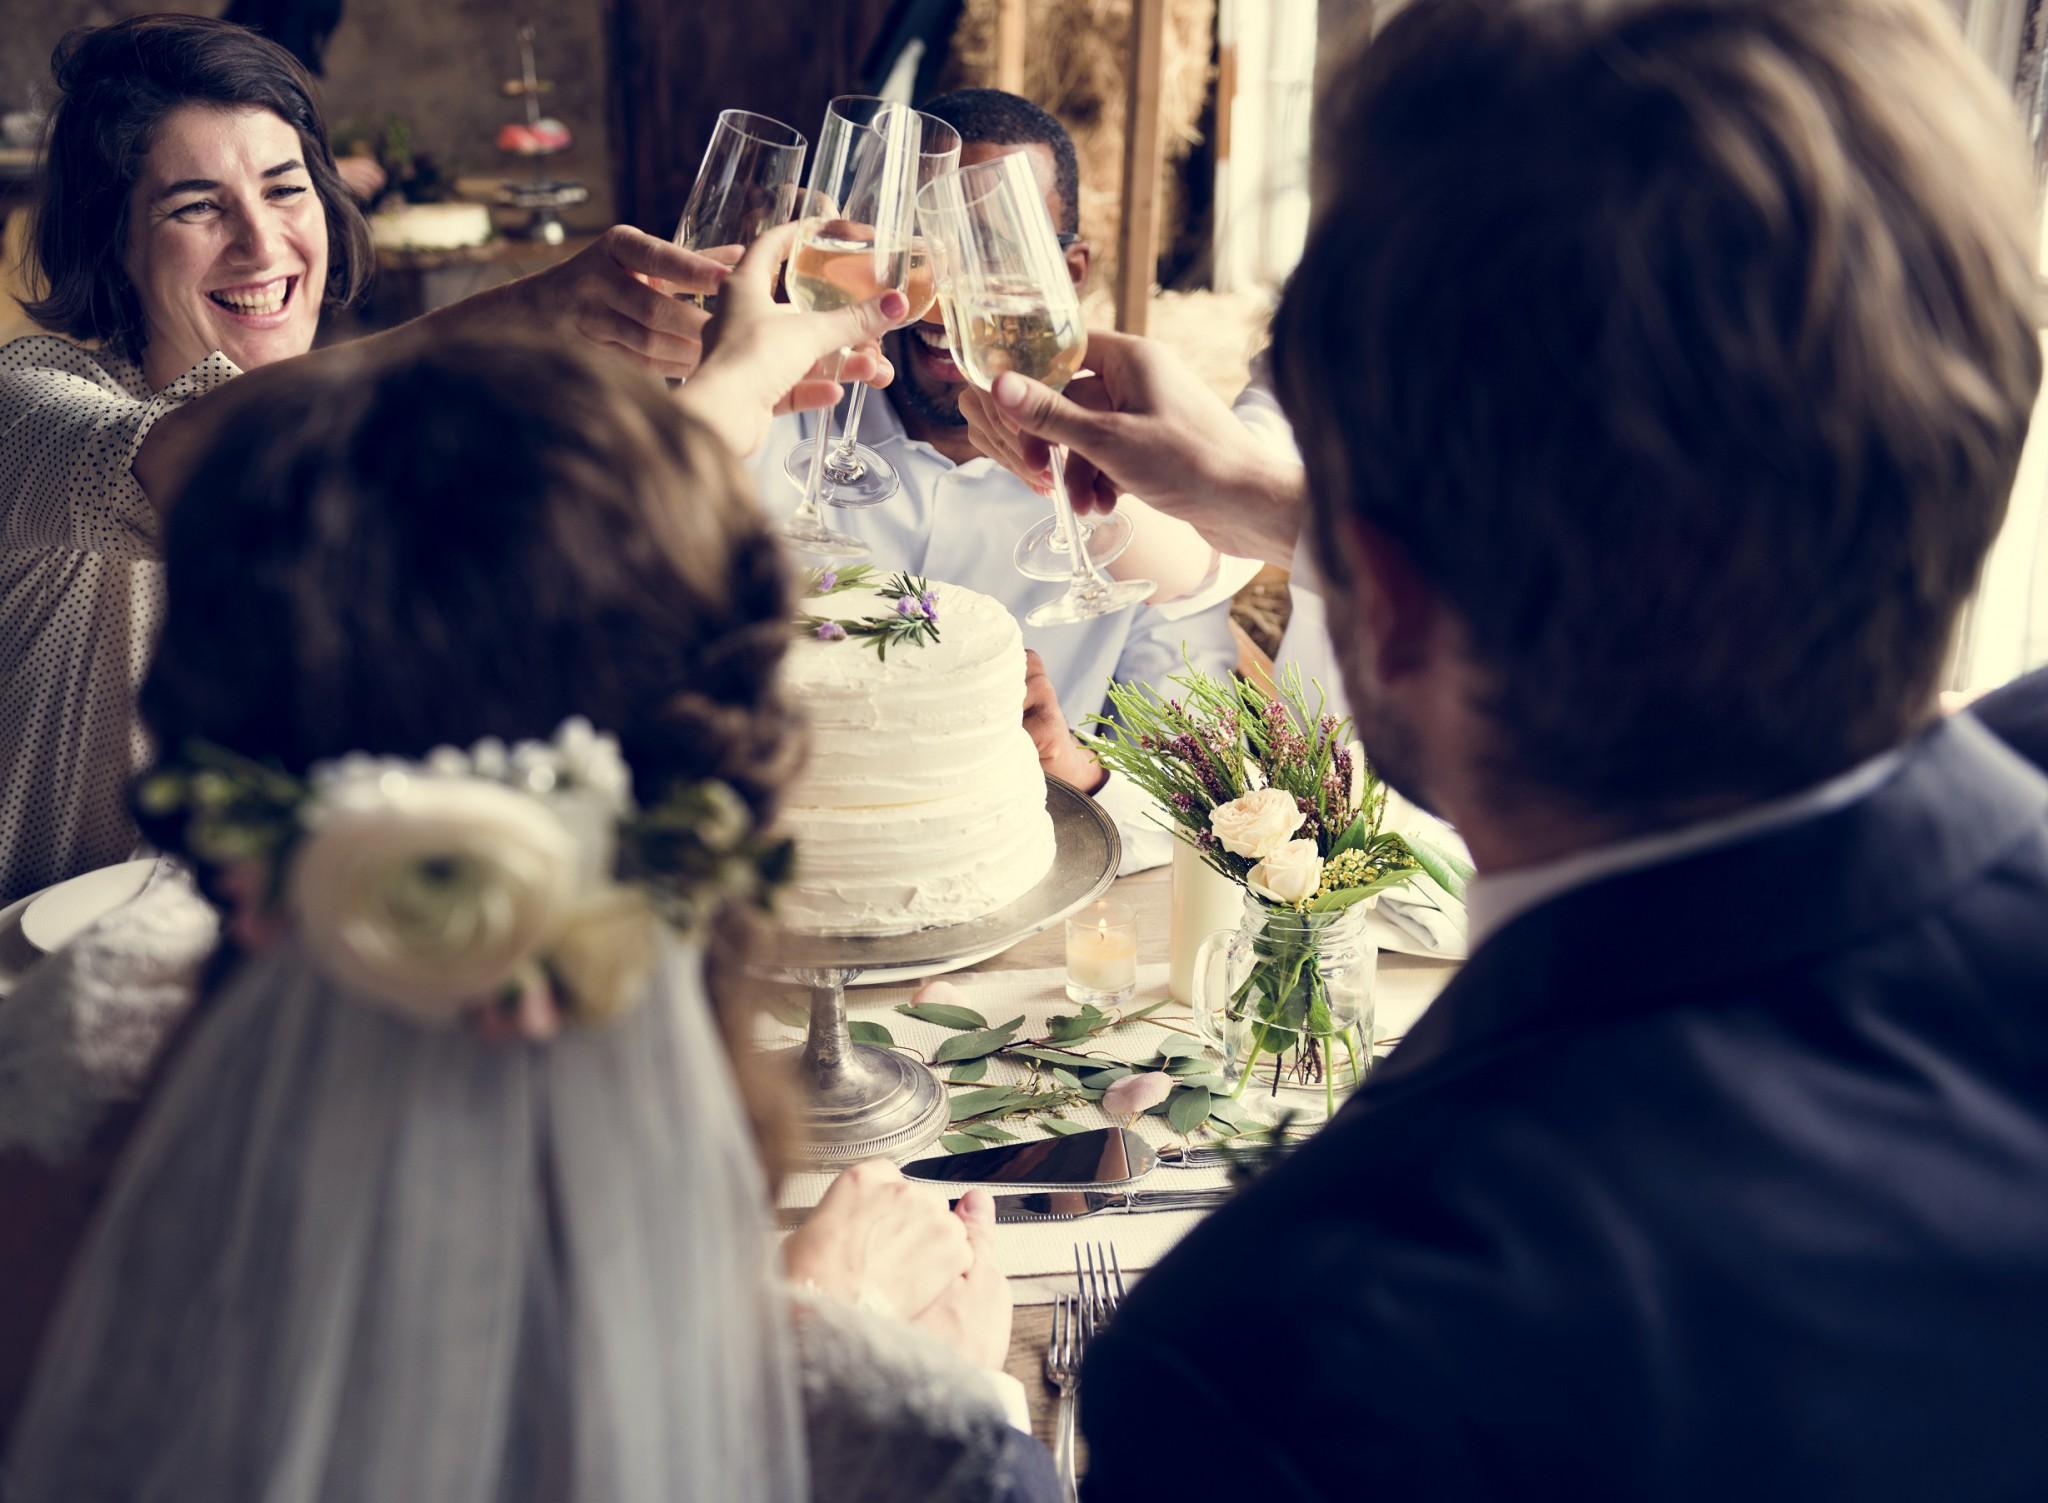 3d48b04ada906 大きな披露宴に大人数分の食事。結婚式といえばそんなイメージがありますよね。しかし、近年では少人数で行う